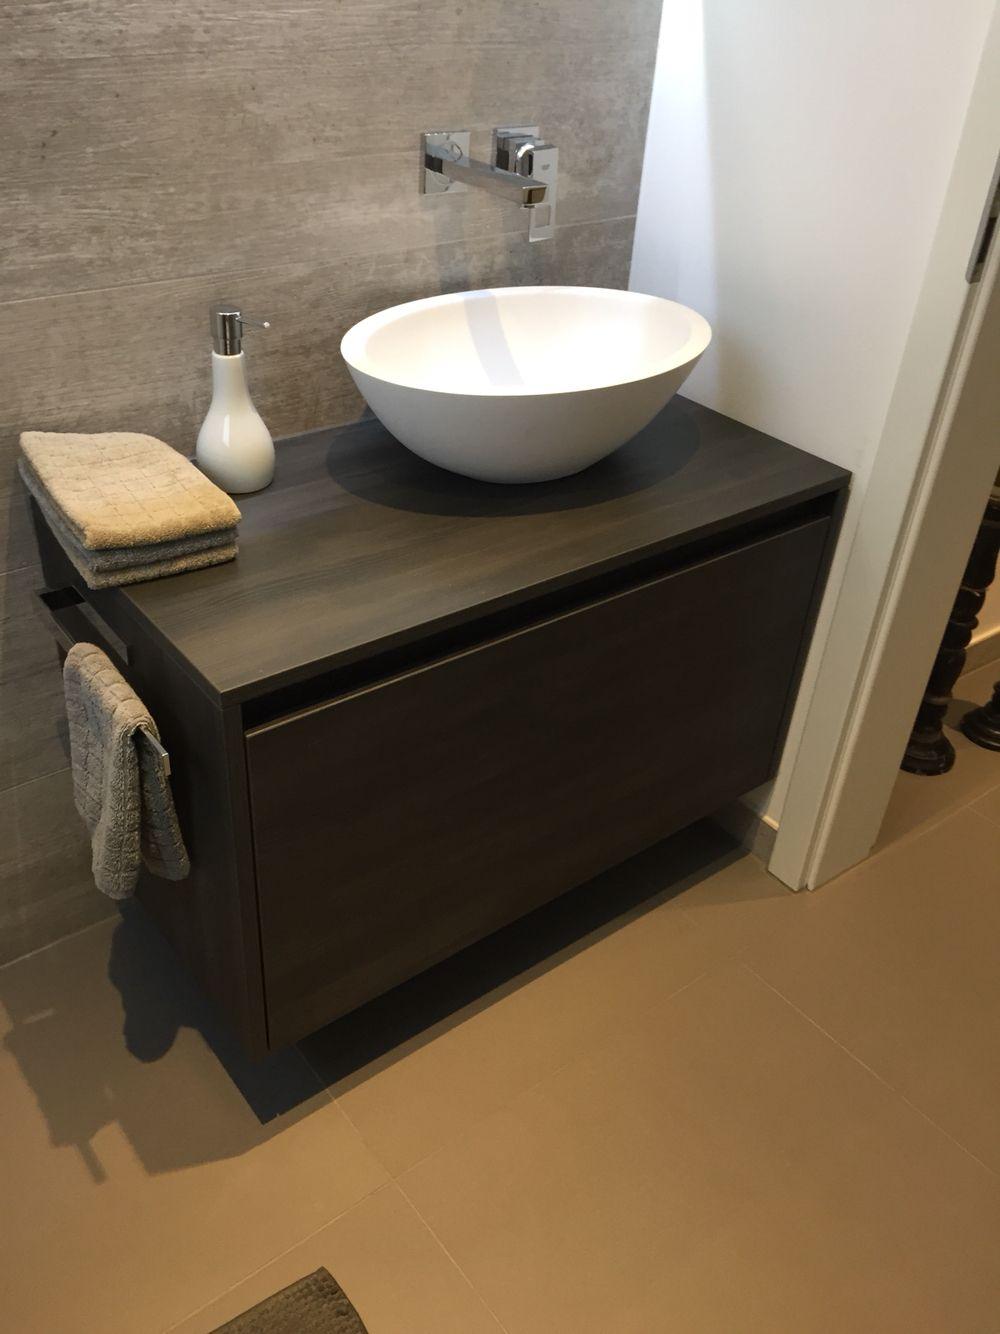 Gaste Wc Waschtsich Mit Aufsatz Waschbecken Von One Bath Auf Mass Gefertigt Duschwanne Duschkabine Gaste Wc